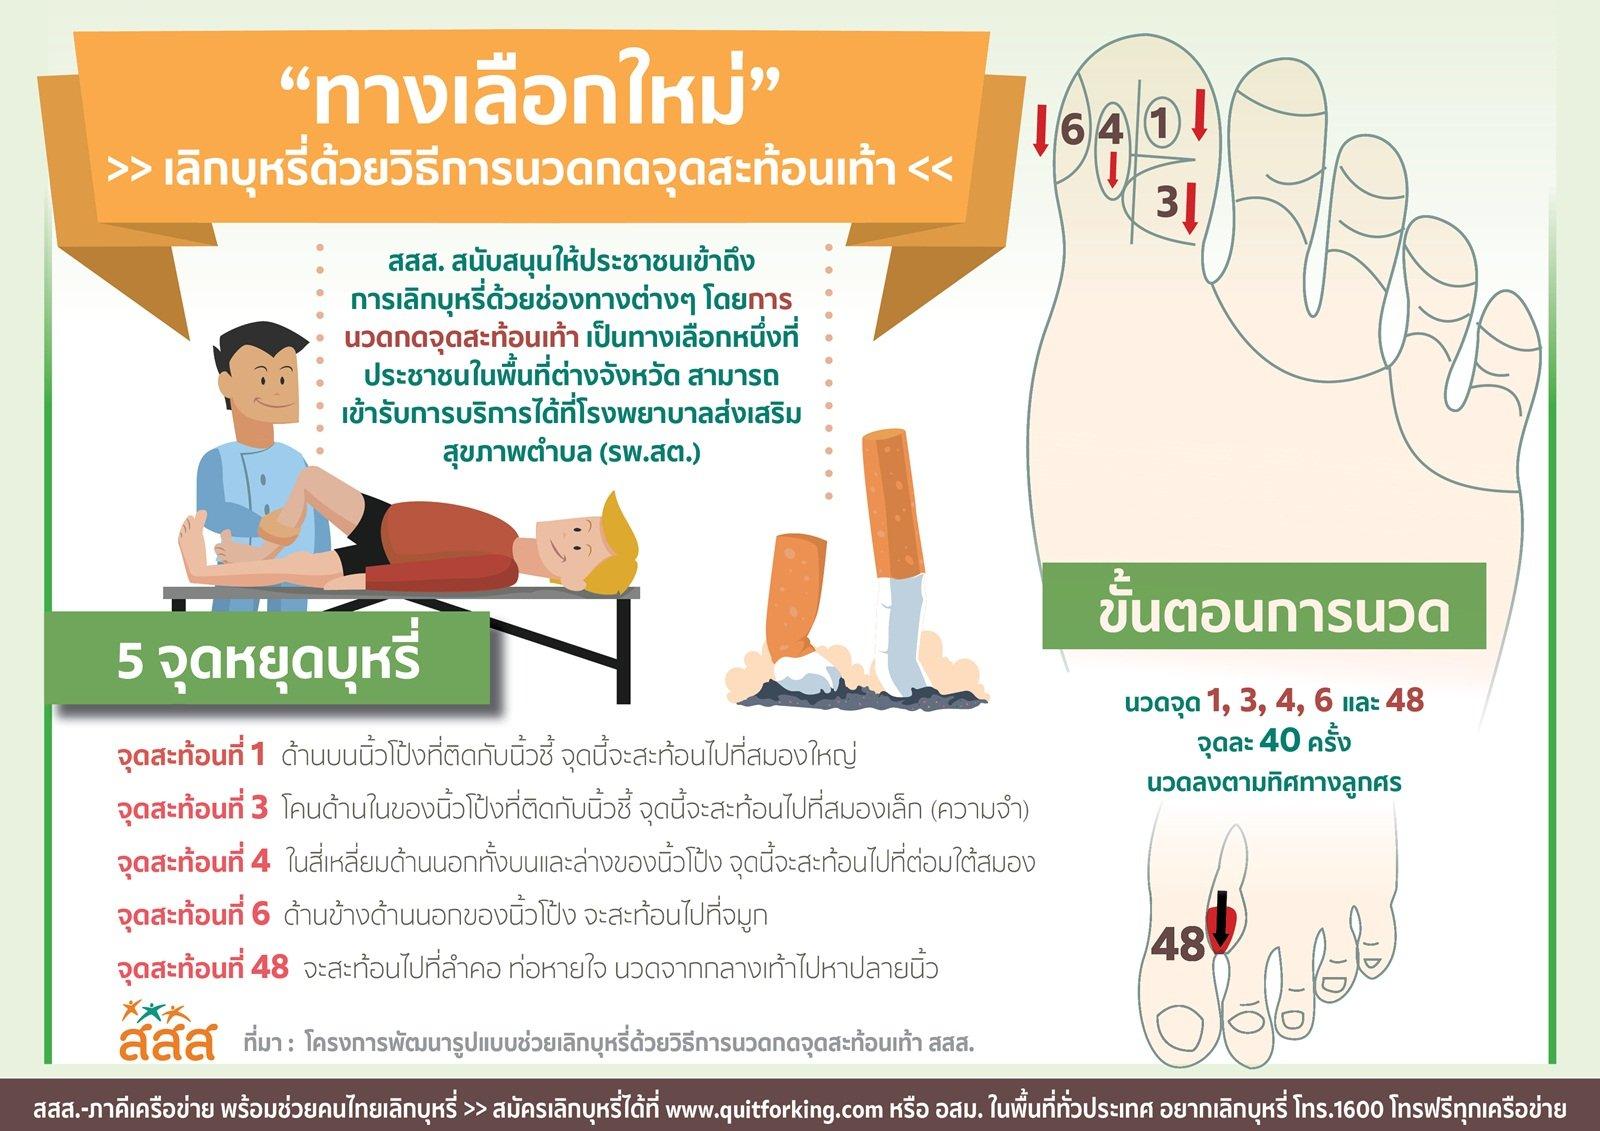 กดไลค์รัวๆ! นวดเท้าเลิกบุหรี่ thaihealth